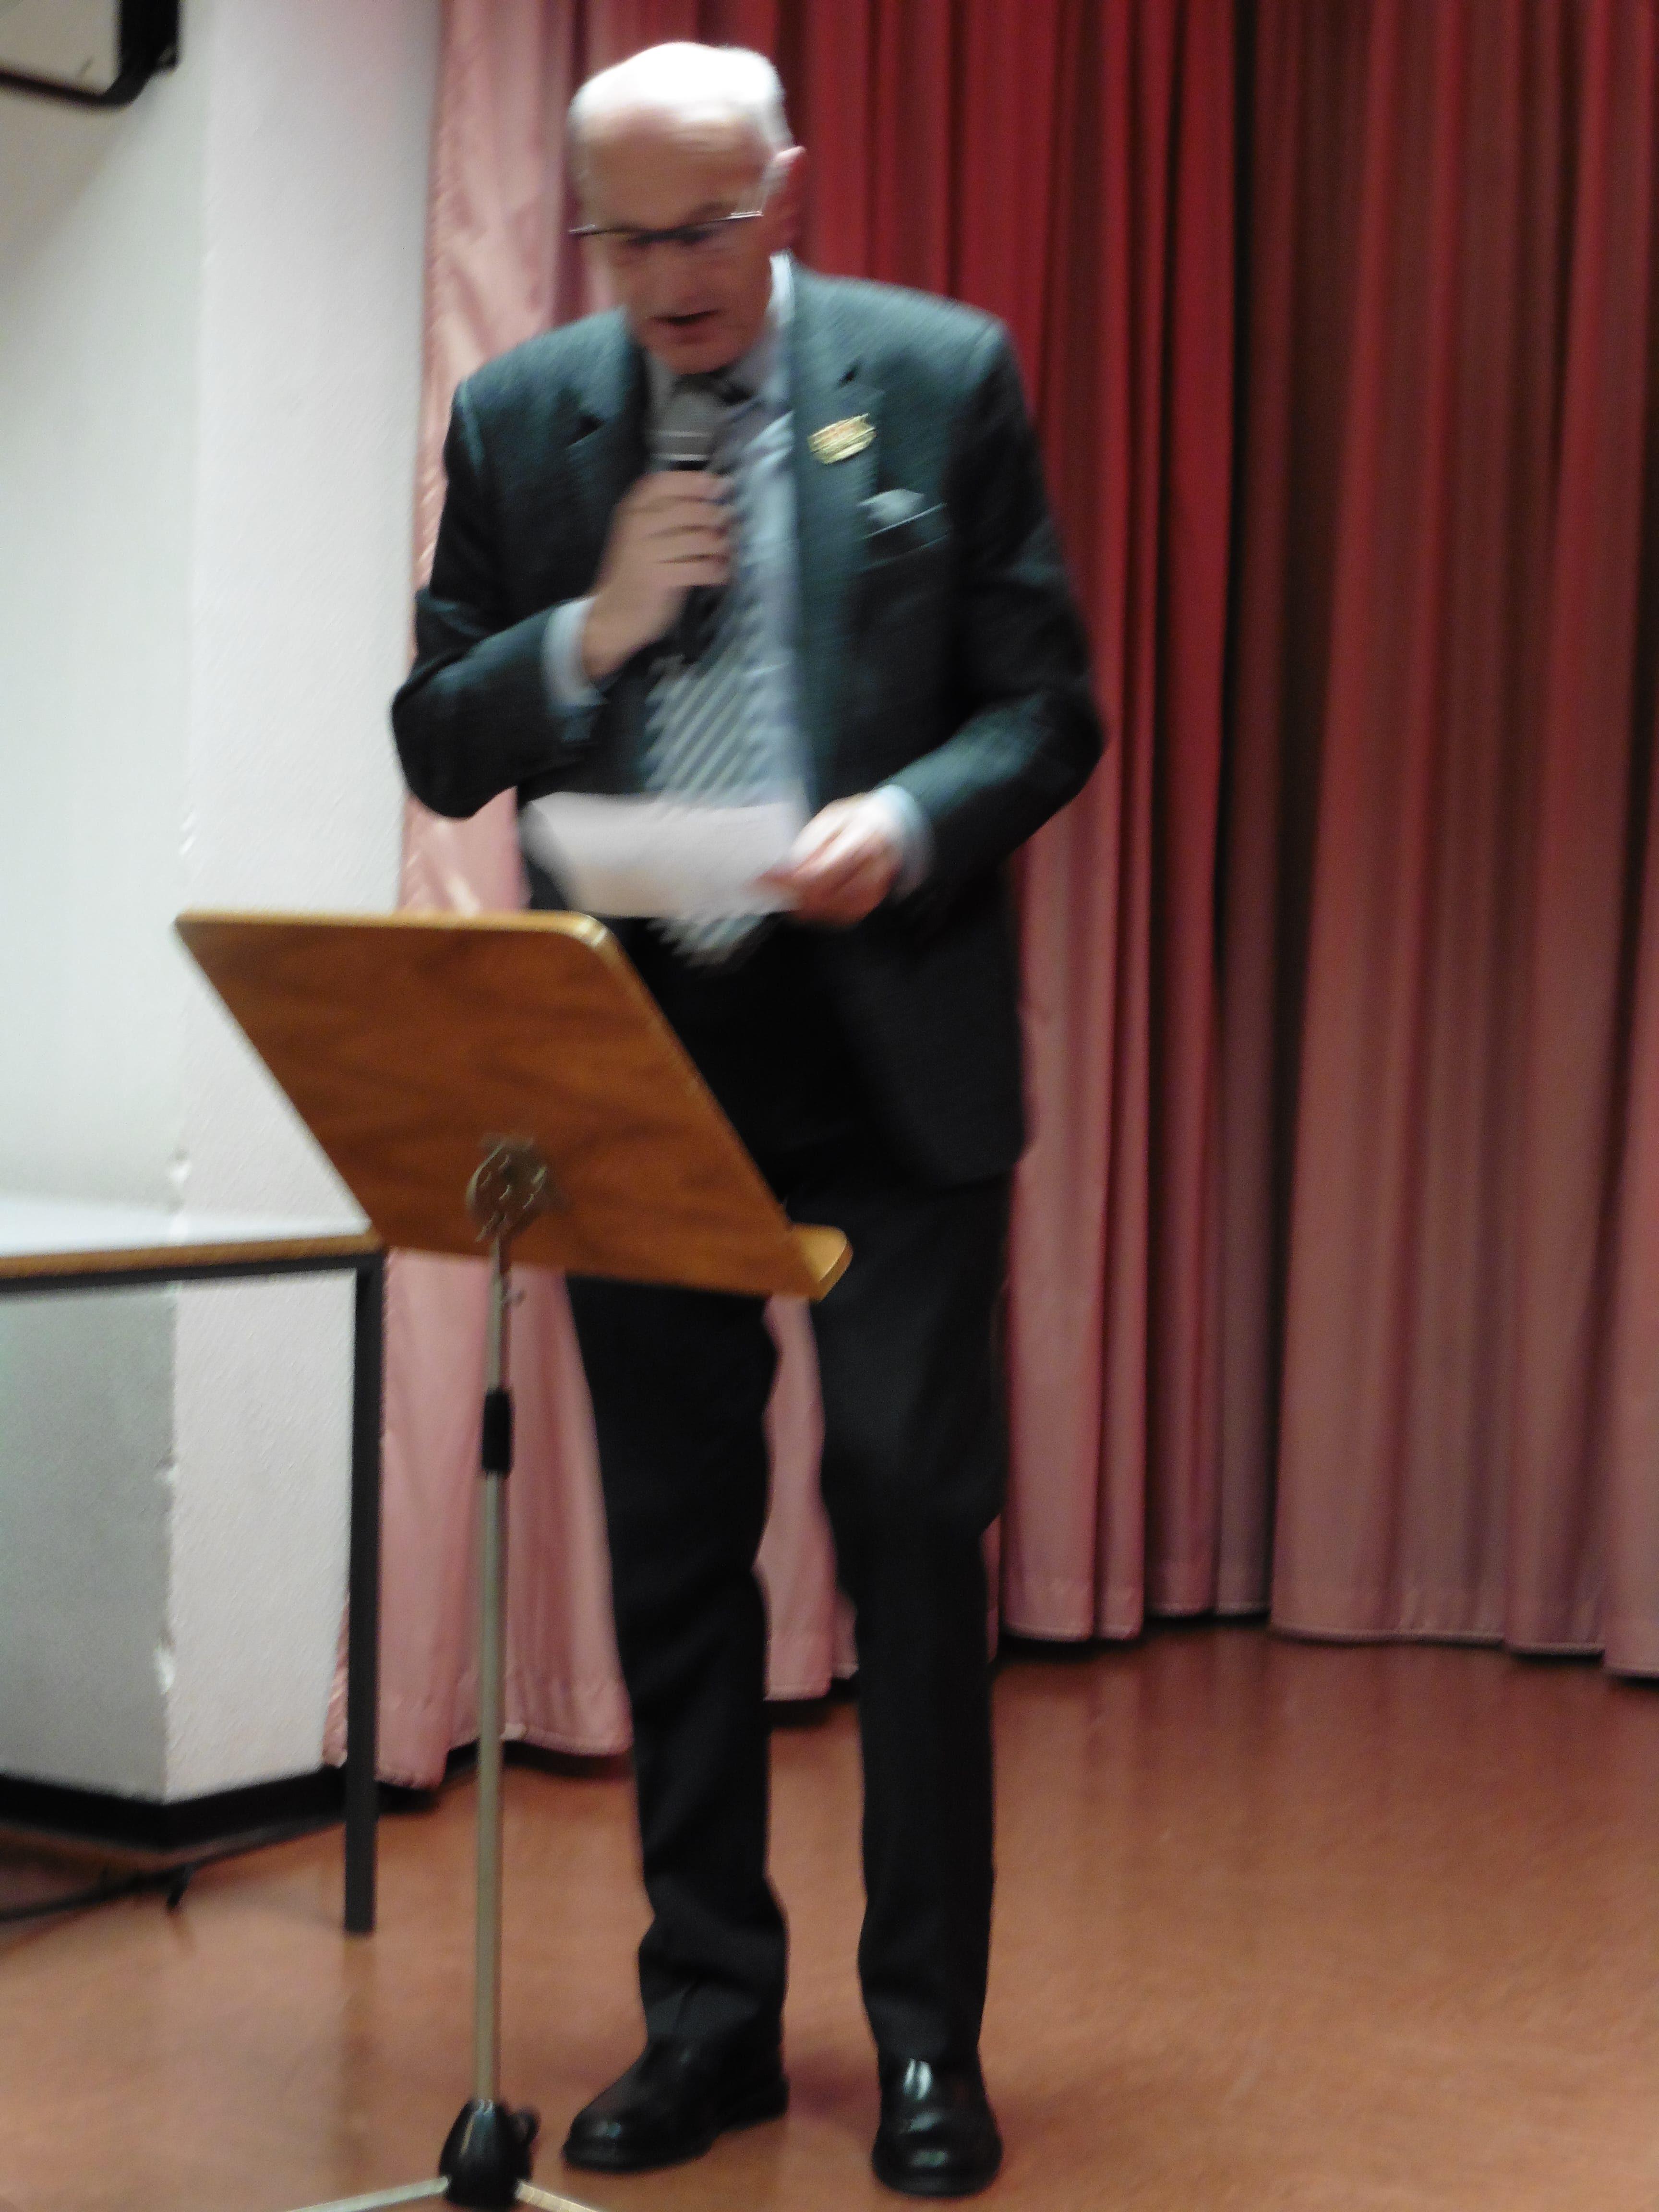 Karl_Hermnans_spricht_das Tischgebet